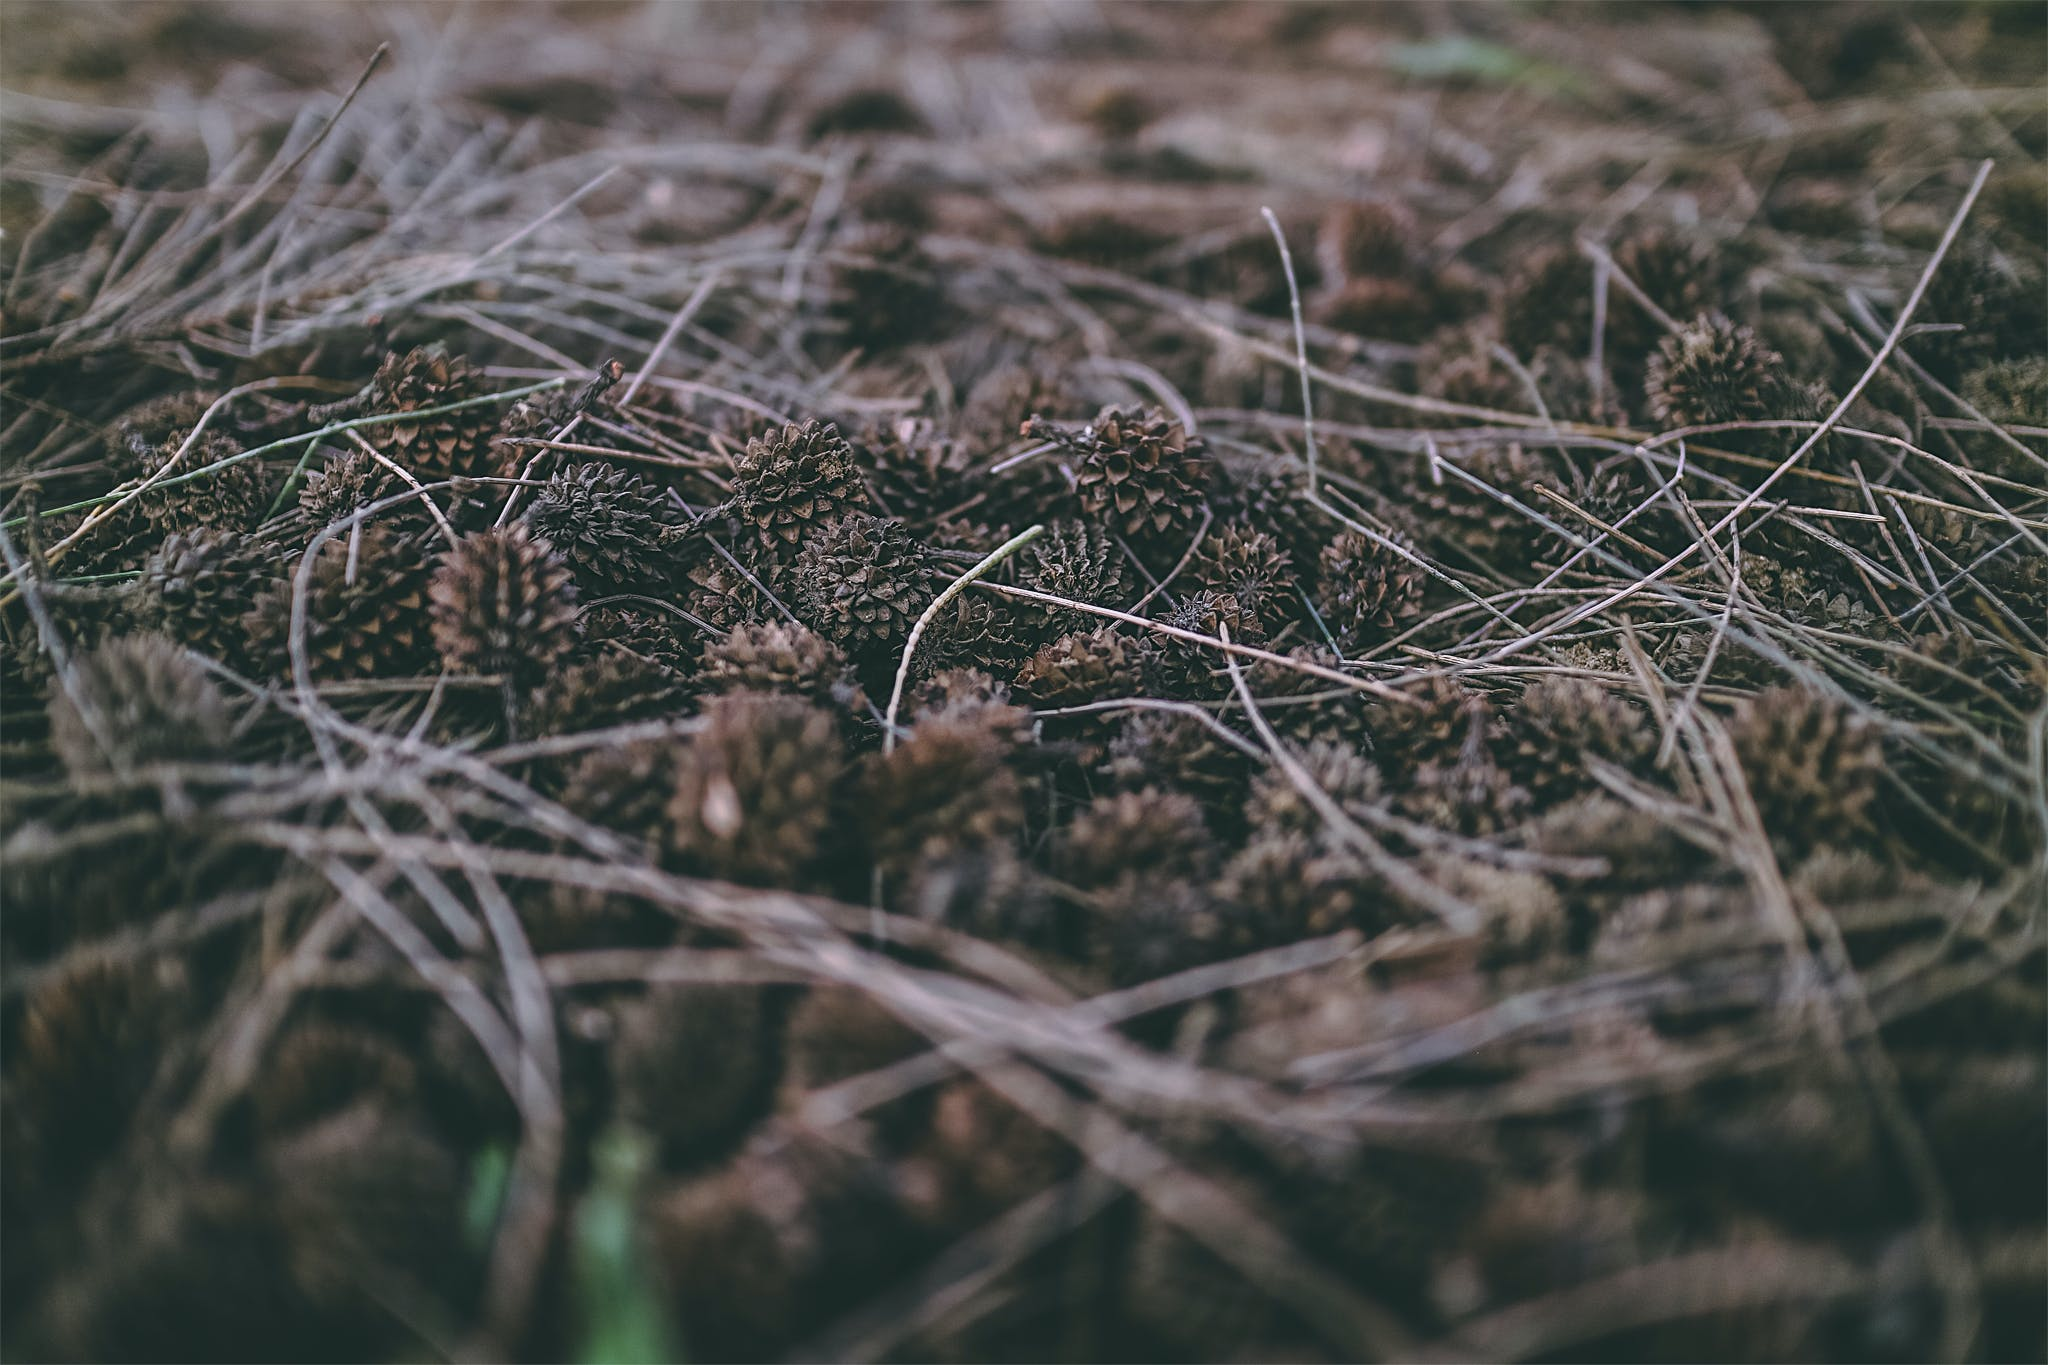 Základová fotografie zdarma na téma #seeds #pinetree #plants #leaves #spikes #dark